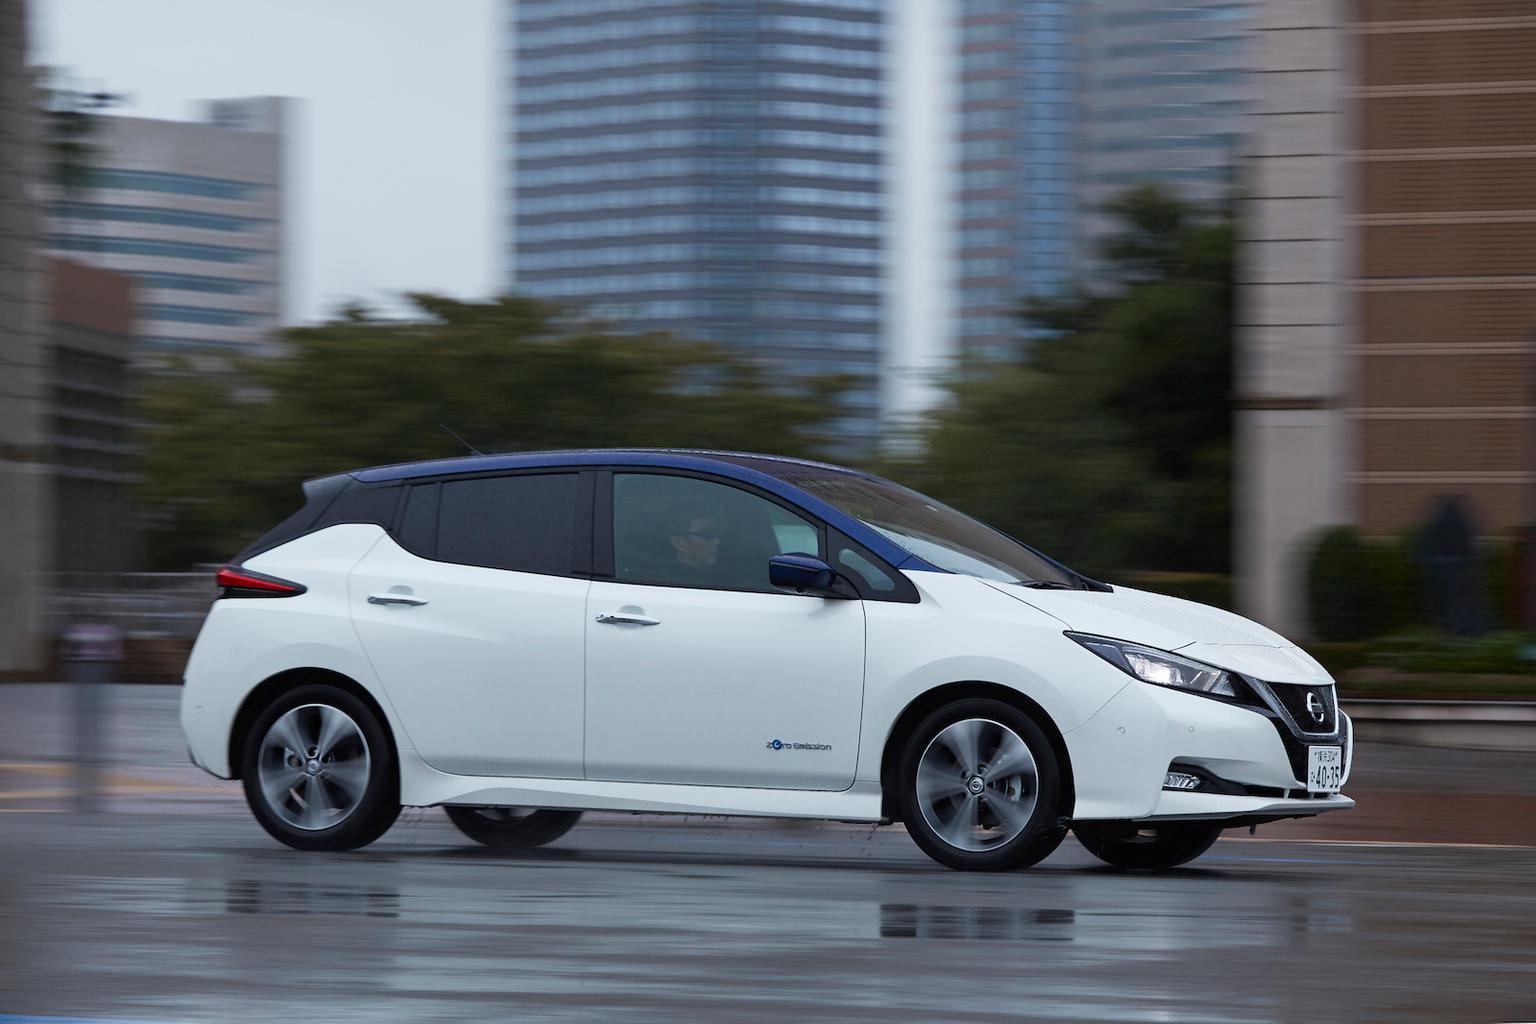 2018 Nissan Leaf review - verdict